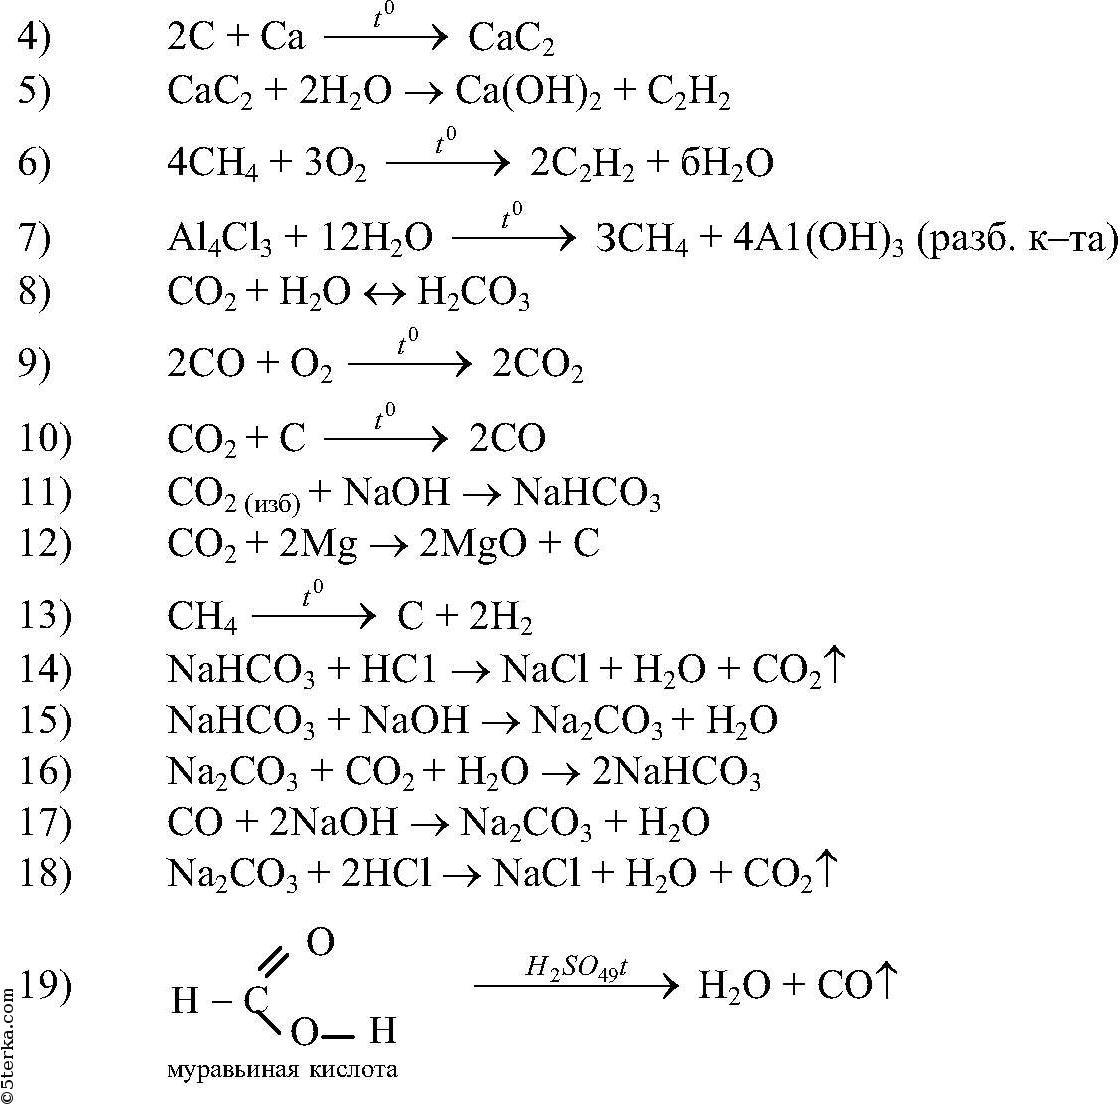 Составить уравнения по схеме